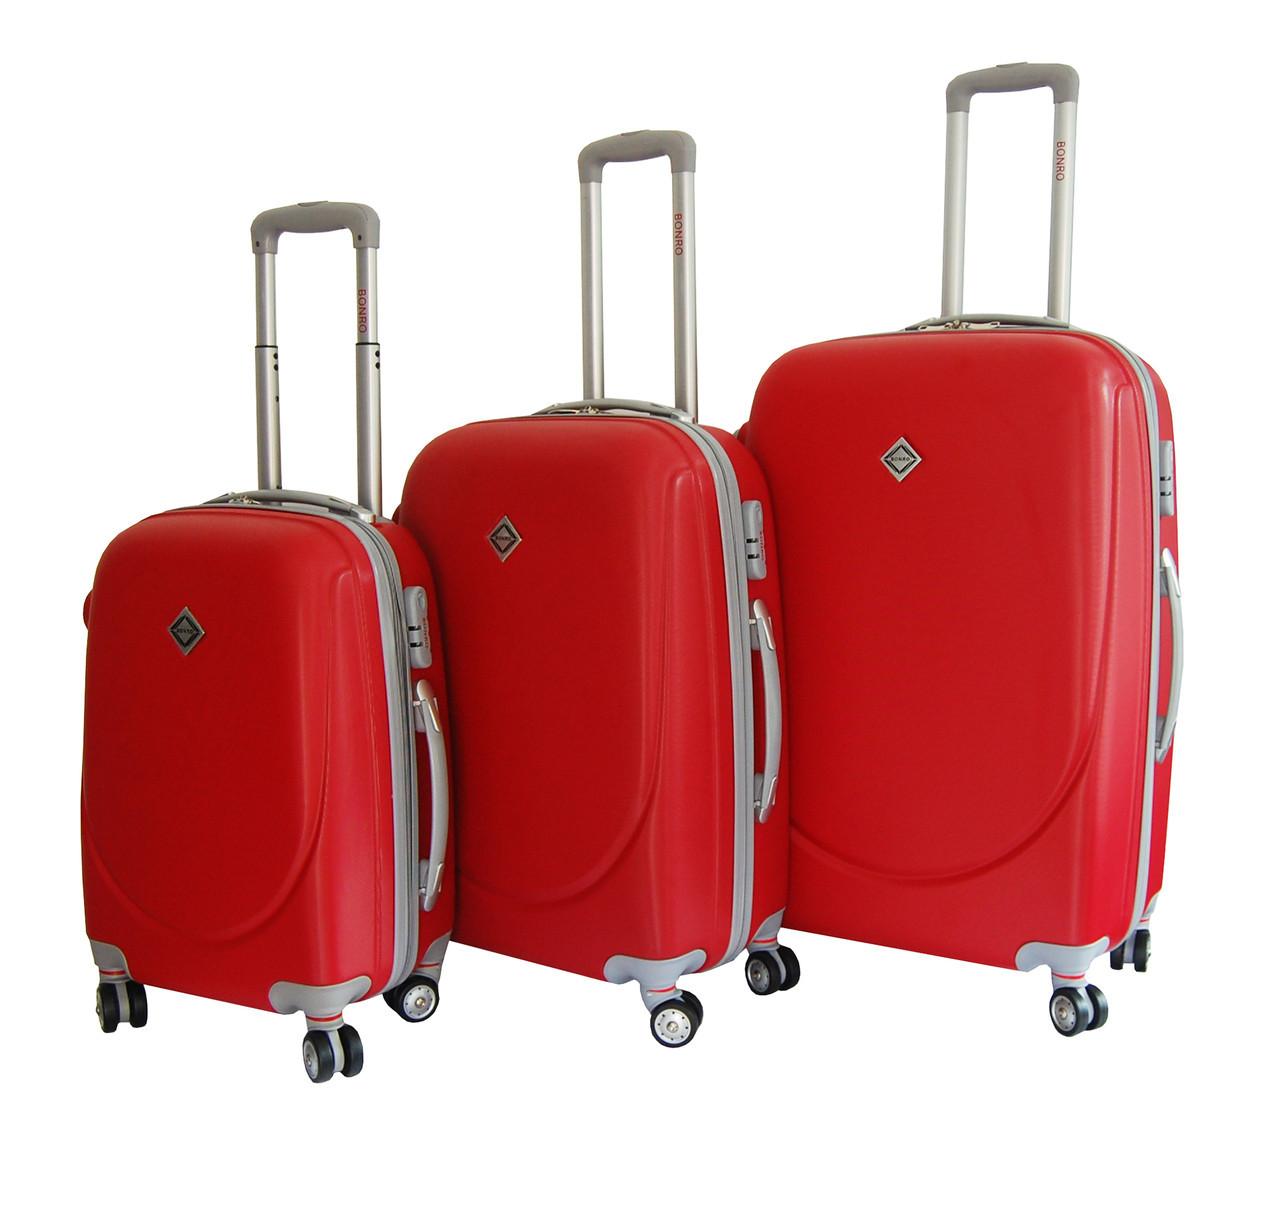 Чемодан Bonro Smile с двойными колесами набор 3 штуки красный